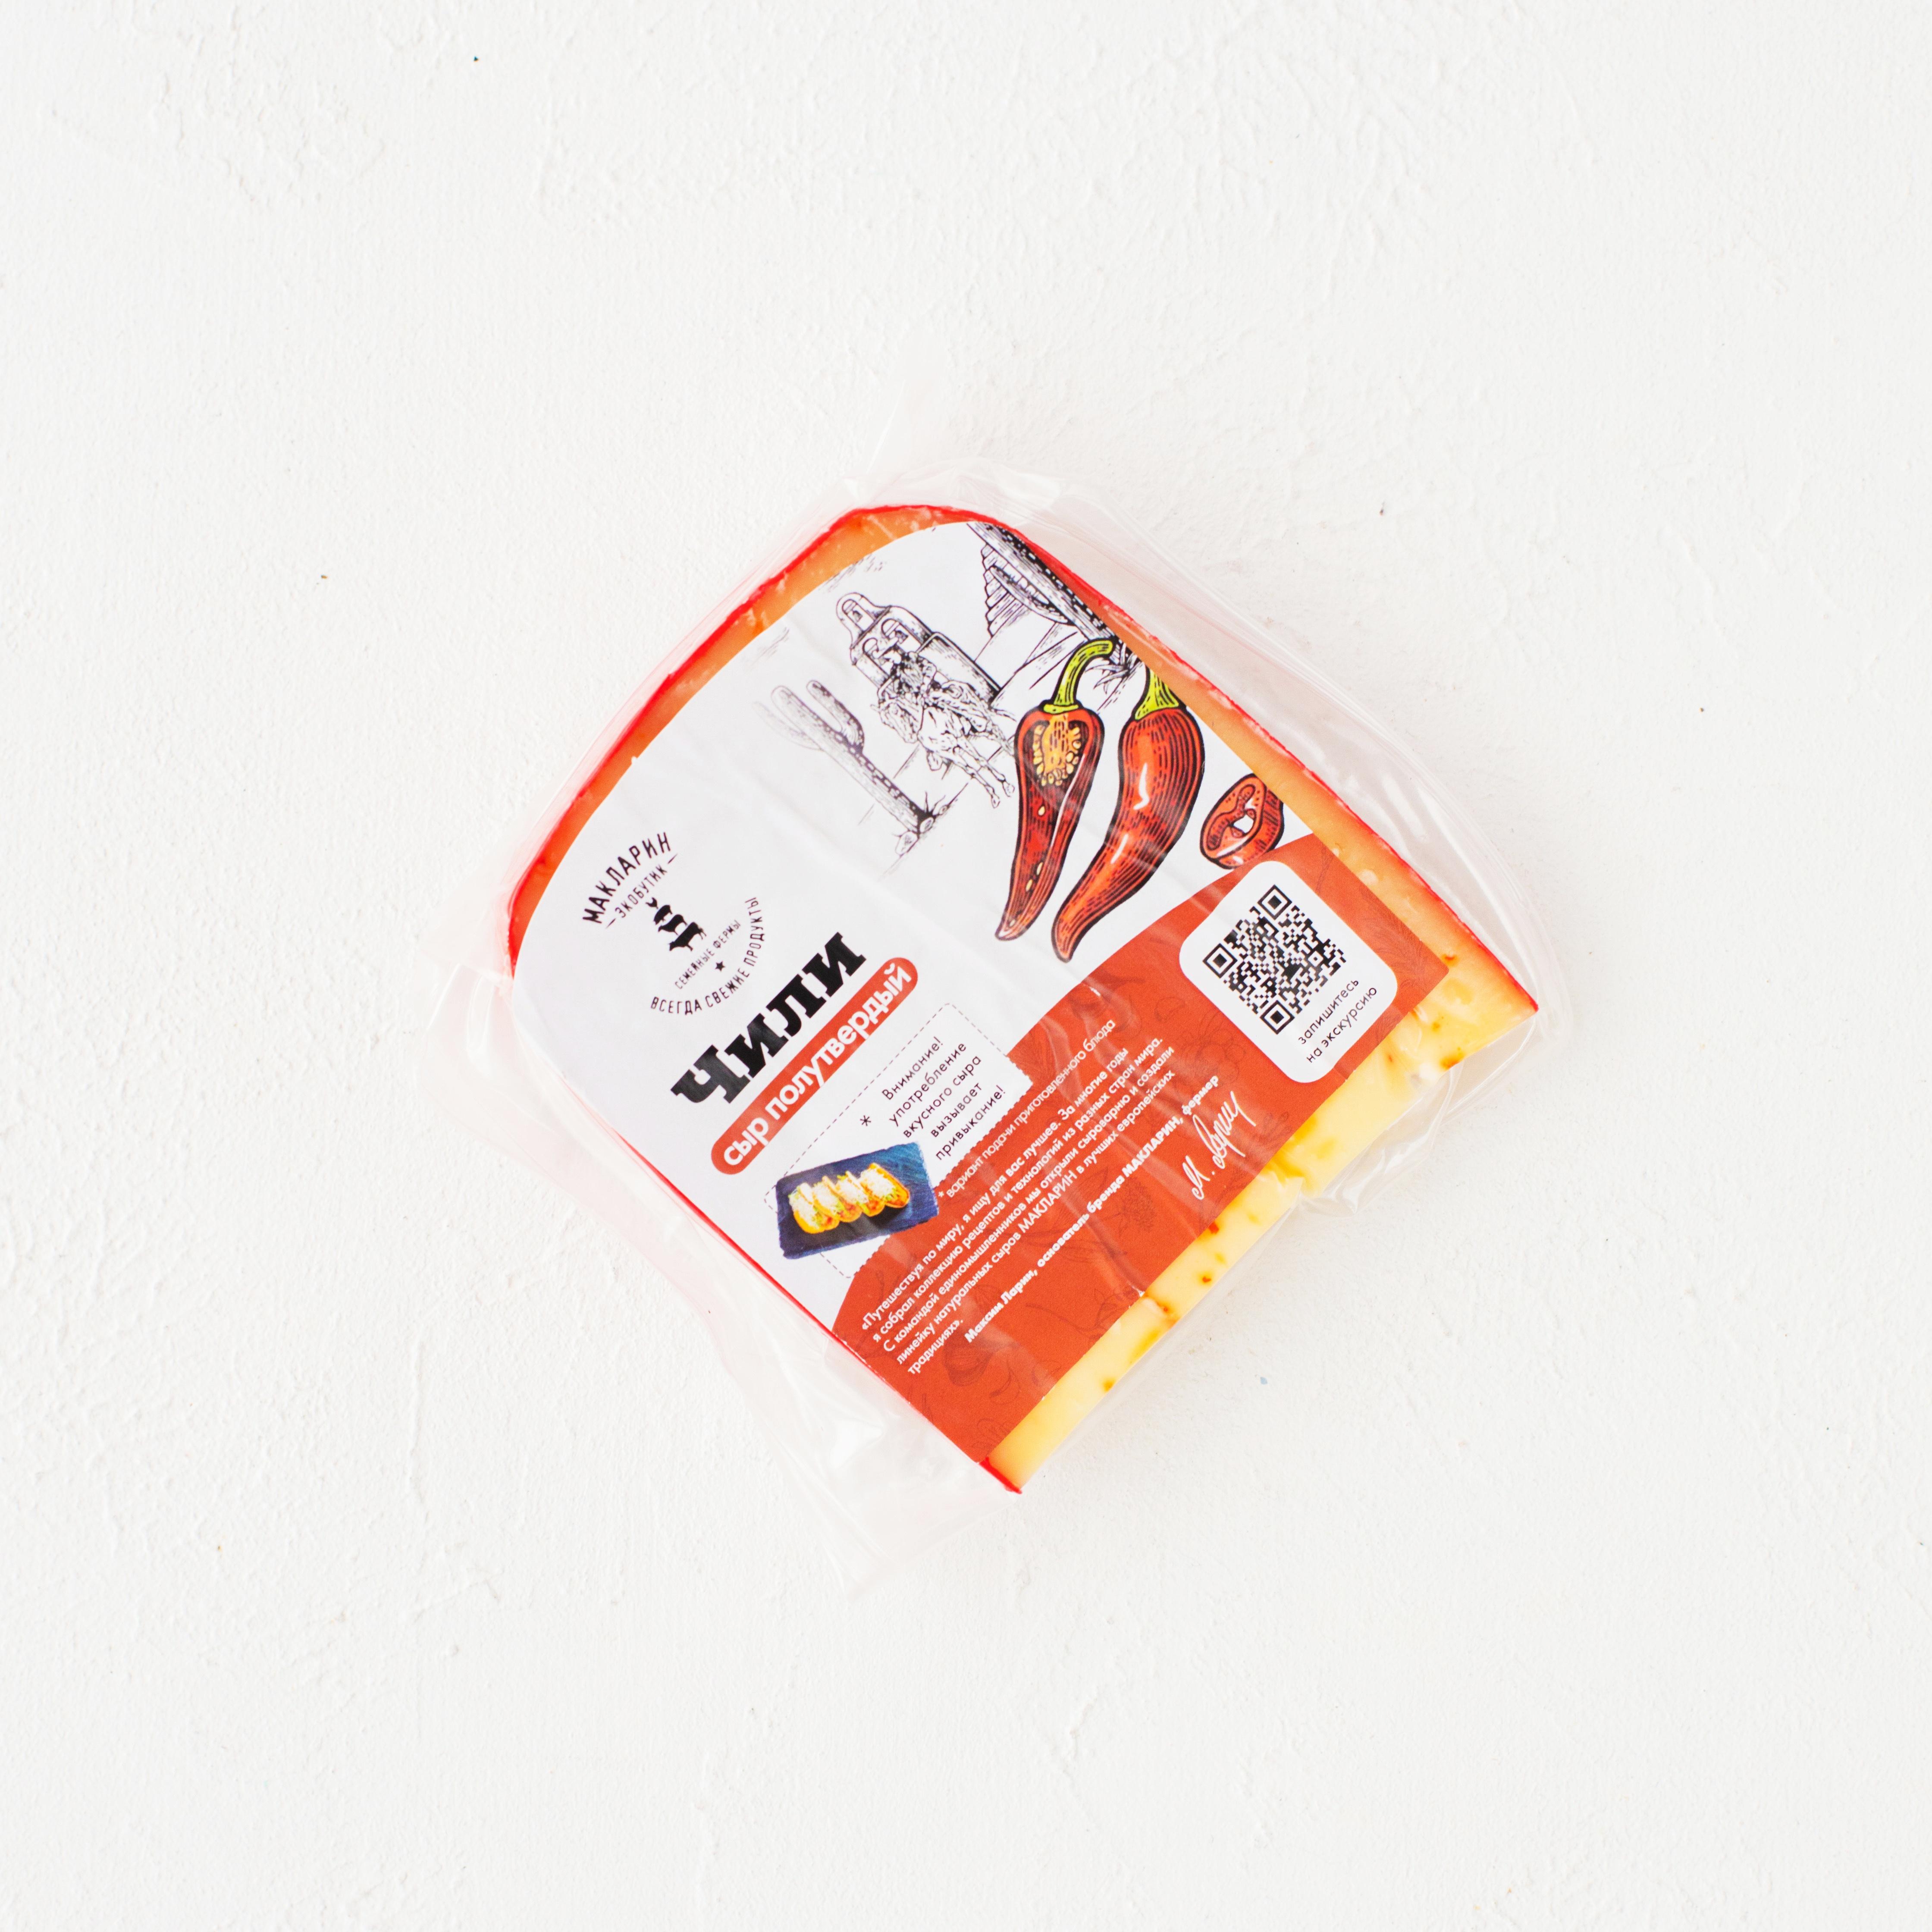 Сыр с перцем чили (1 шт., 200 г)